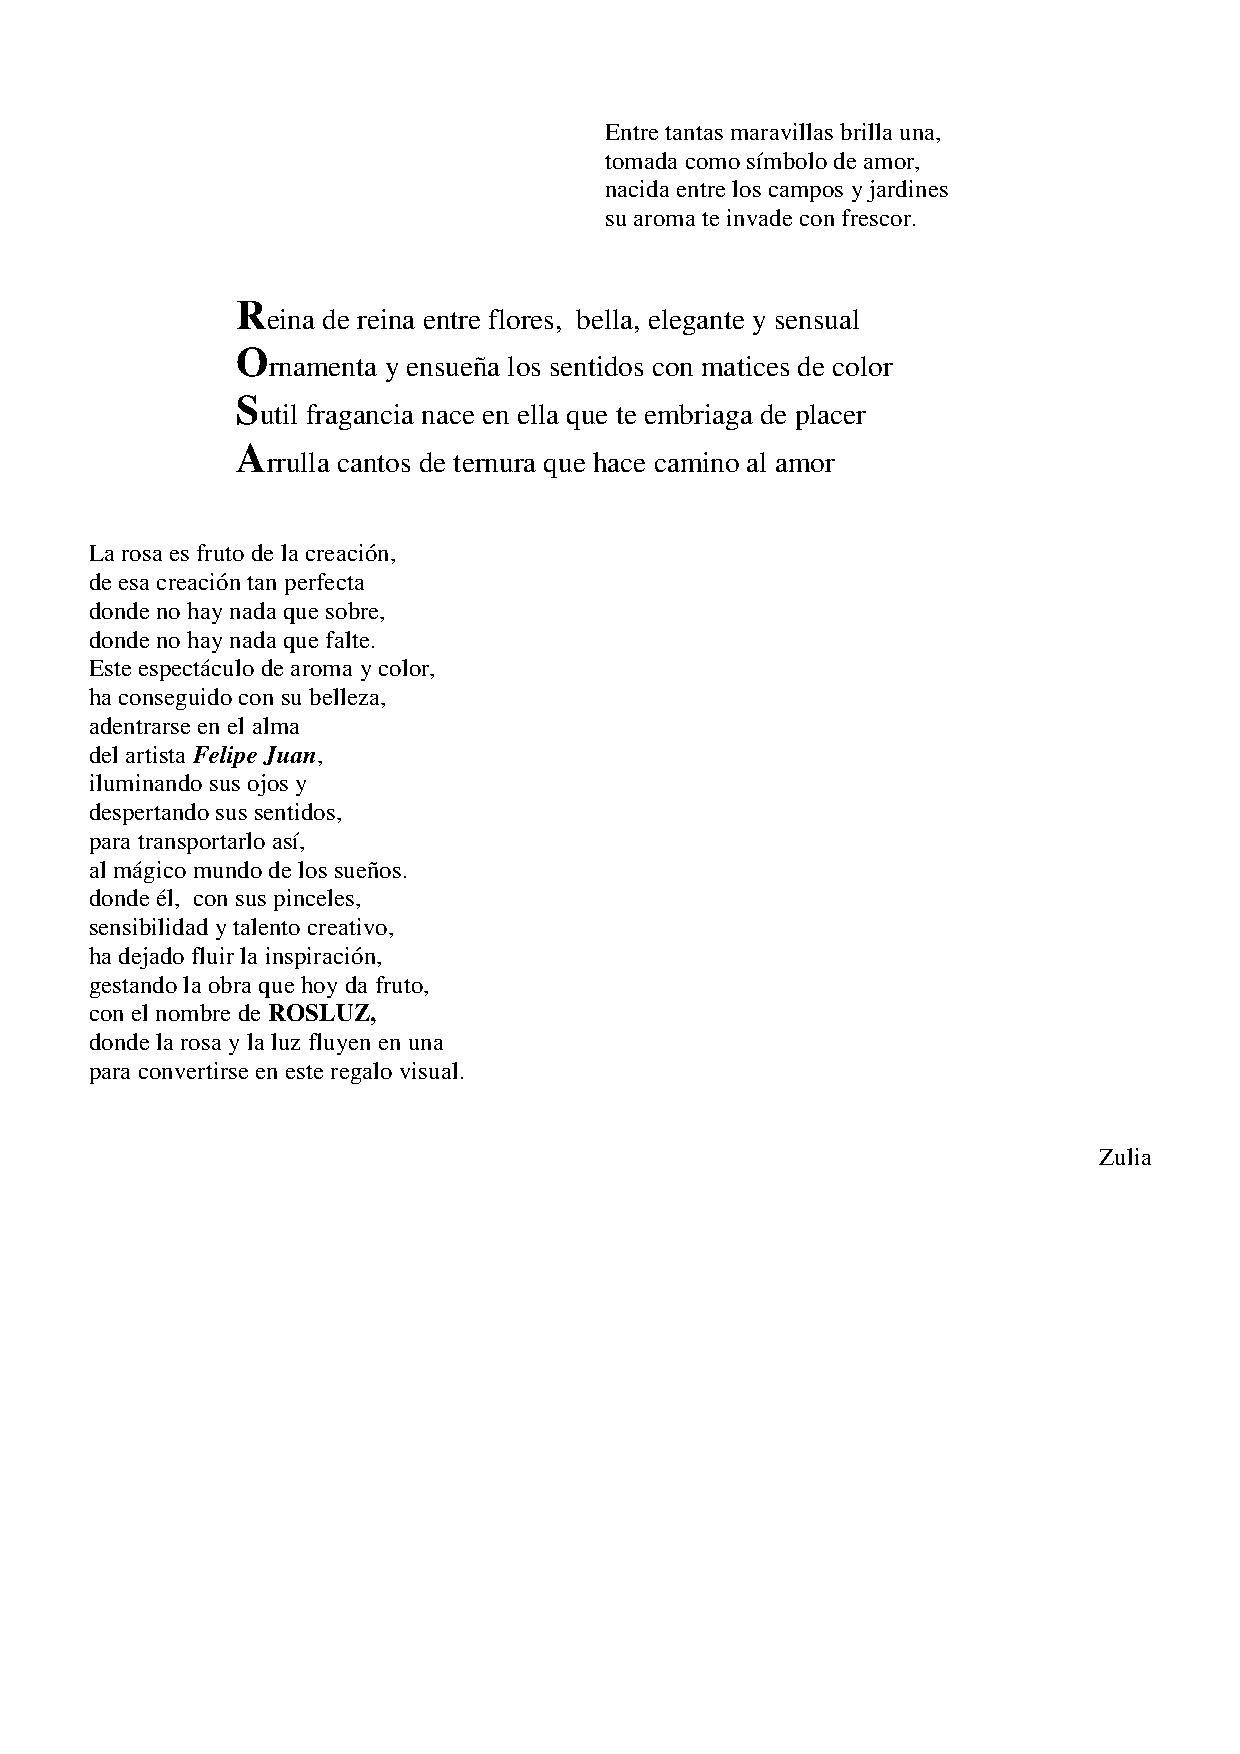 Textos_Poesias__selección_10.jpg